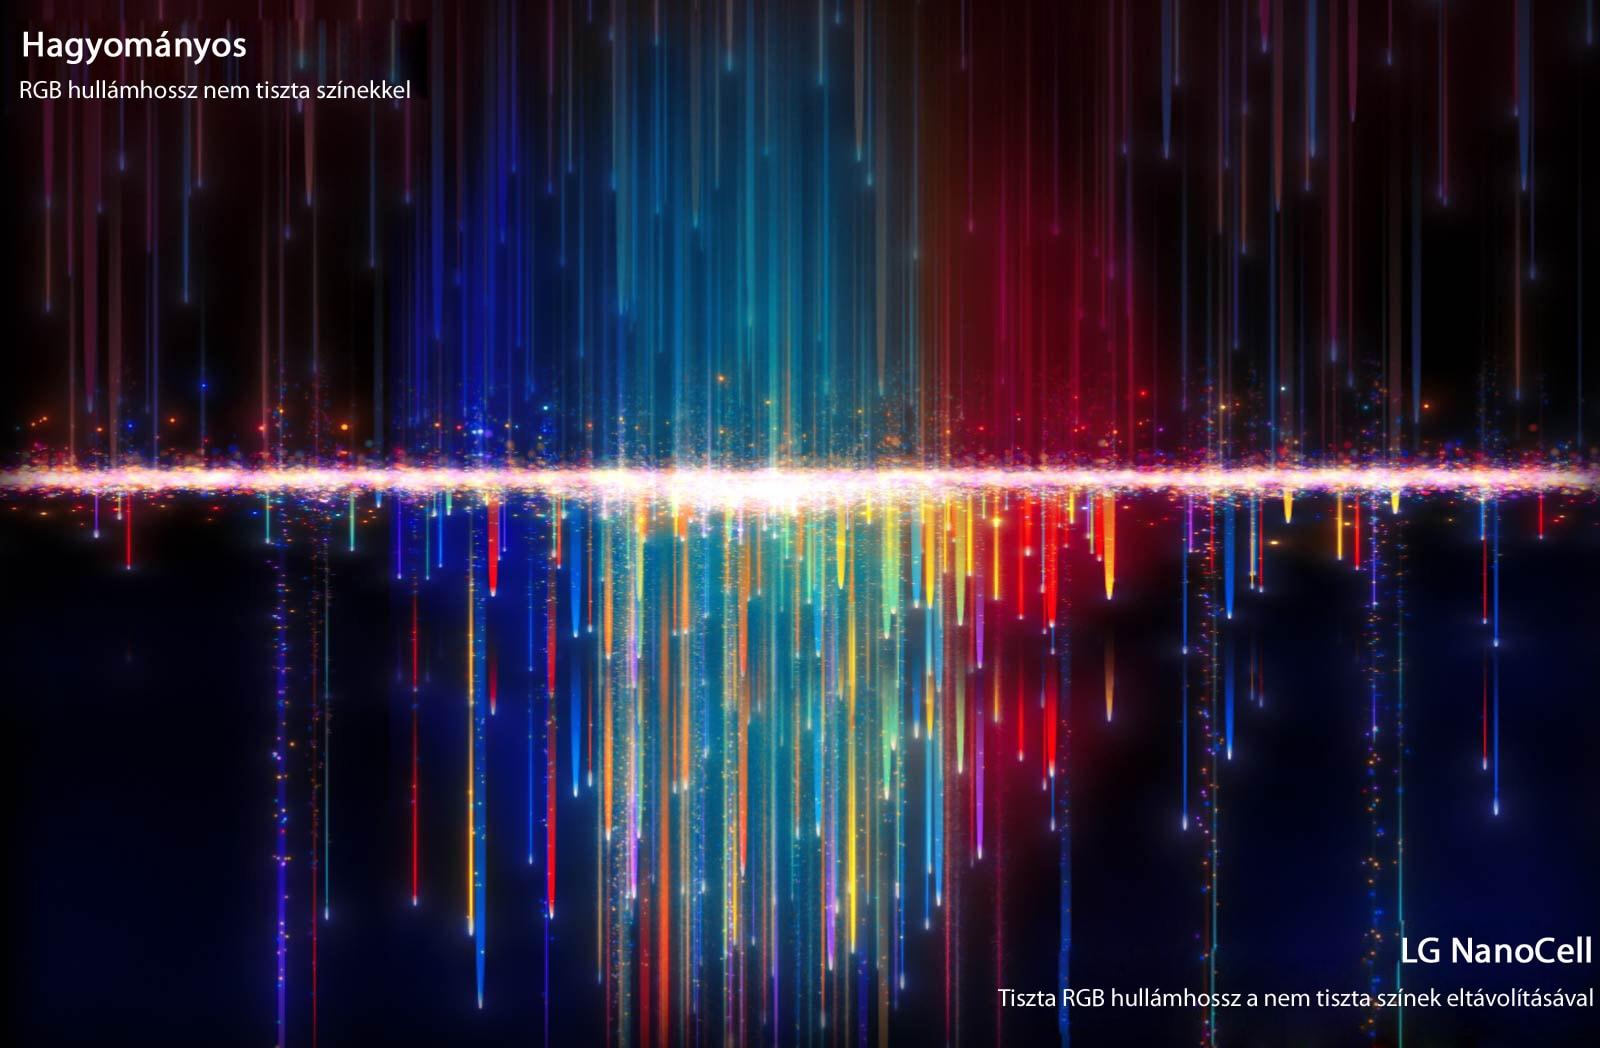 Felül nem tiszta színek látható, ahogy a hagyományos TV-ken láthatók, alul pedig áthaladnak a NanoCell szűrőn, hogy tiszta színek jöjjenek létre (videó megtekintése).